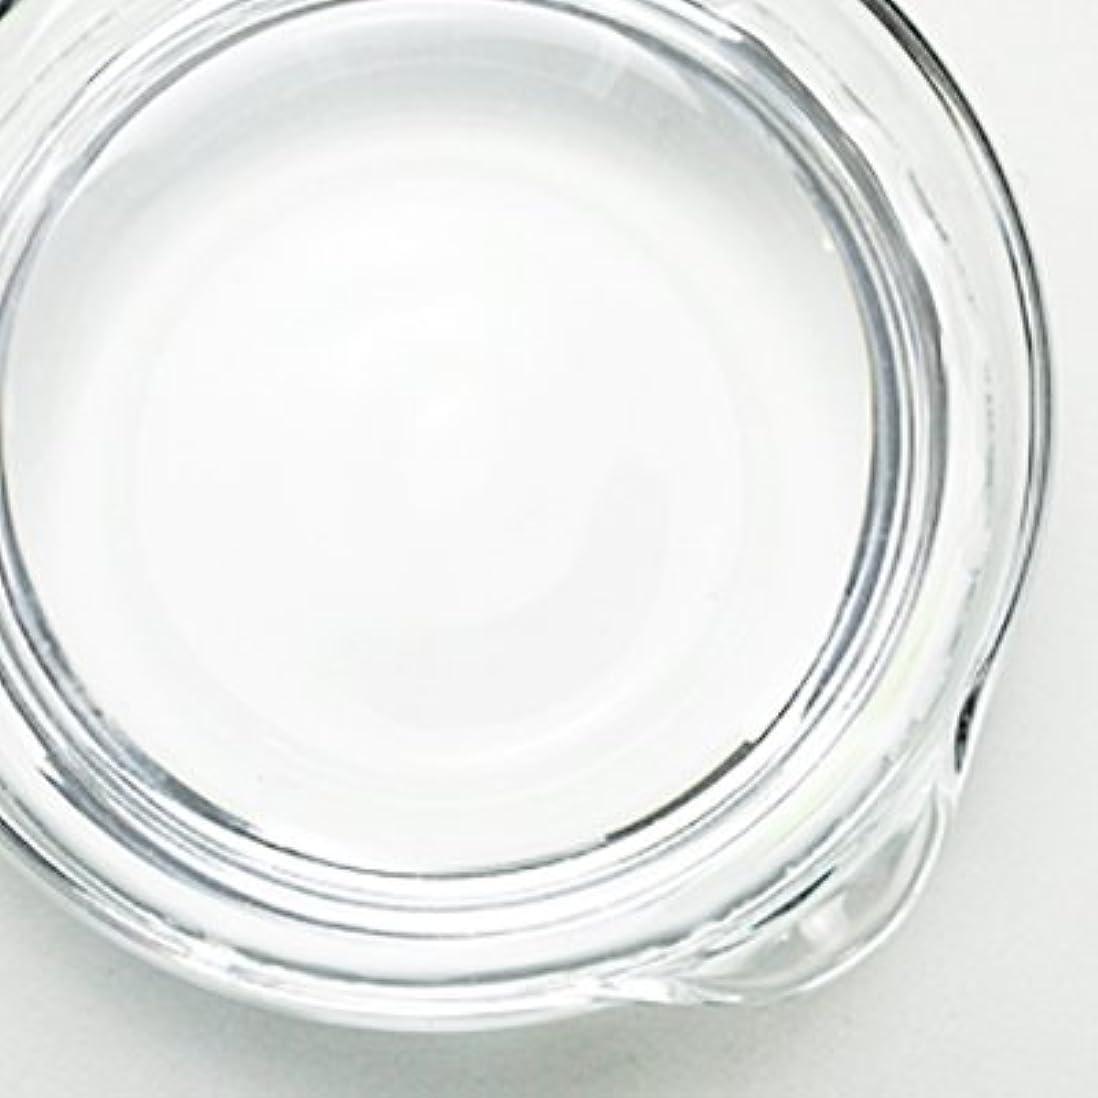 手配するパンダベアリング1,3-ブチレングリコール[BG] 500ml 【手作り石鹸/手作りコスメ】